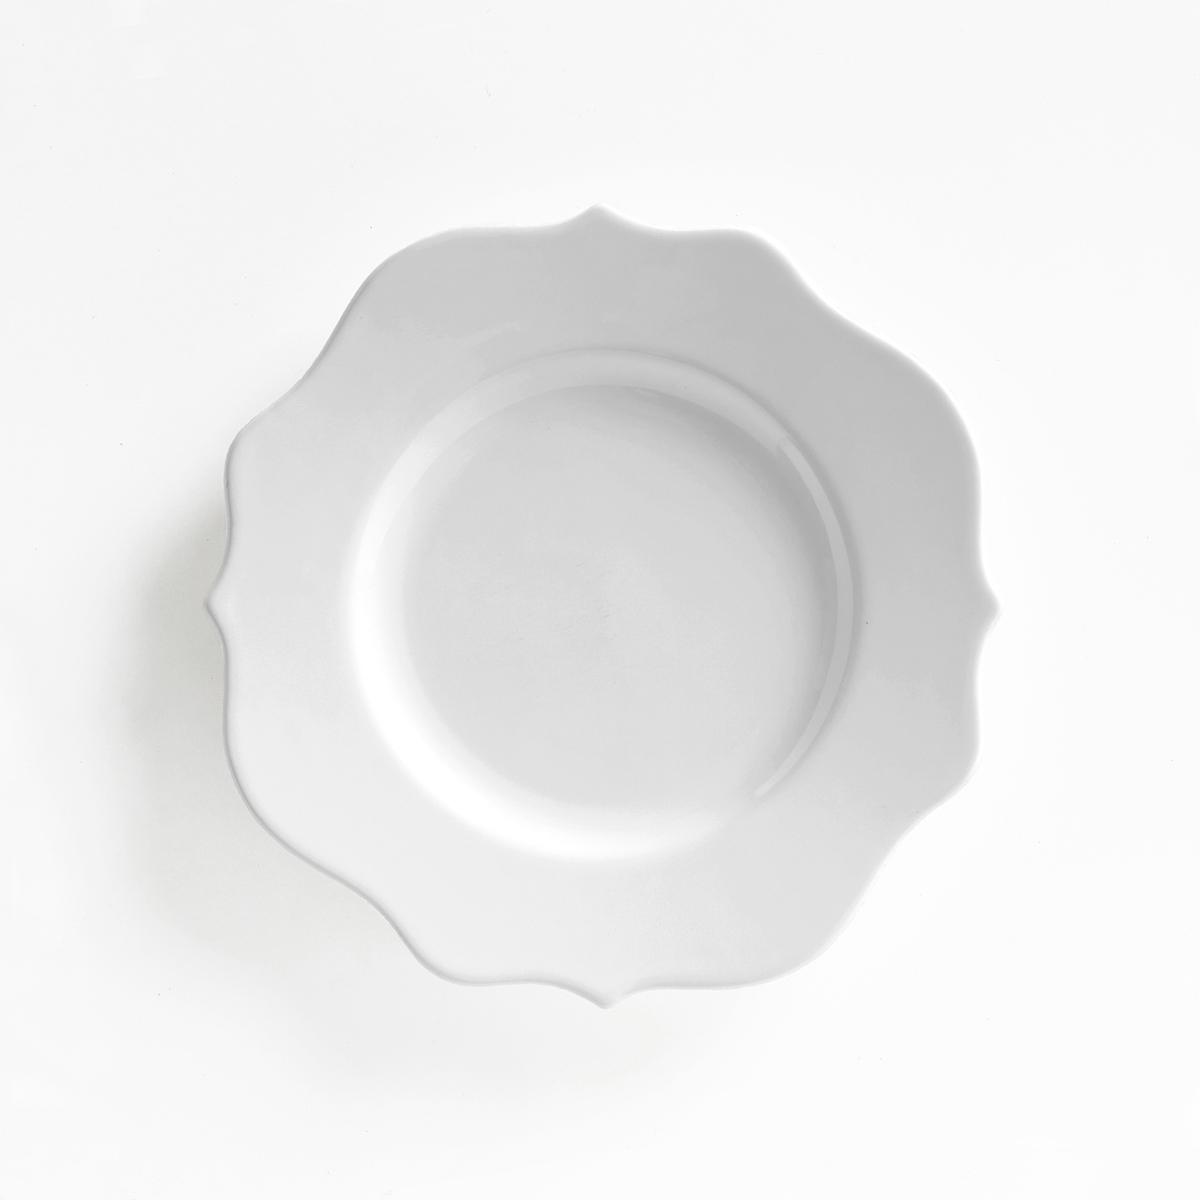 4 десертных тарелки из фаянса ManoirДесертные тарелки из фаянса Manoir, продающиеся в комплекте из 4 штук, будут отличным выбором для изысканного стола Описание 4 тарелок Manoir :Из фаянса.Подходят для микроволновой печи и посудомоечной машины  Размеры тарелок Manoir :?23 см.<br><br>Цвет: белый<br>Размер: единый размер